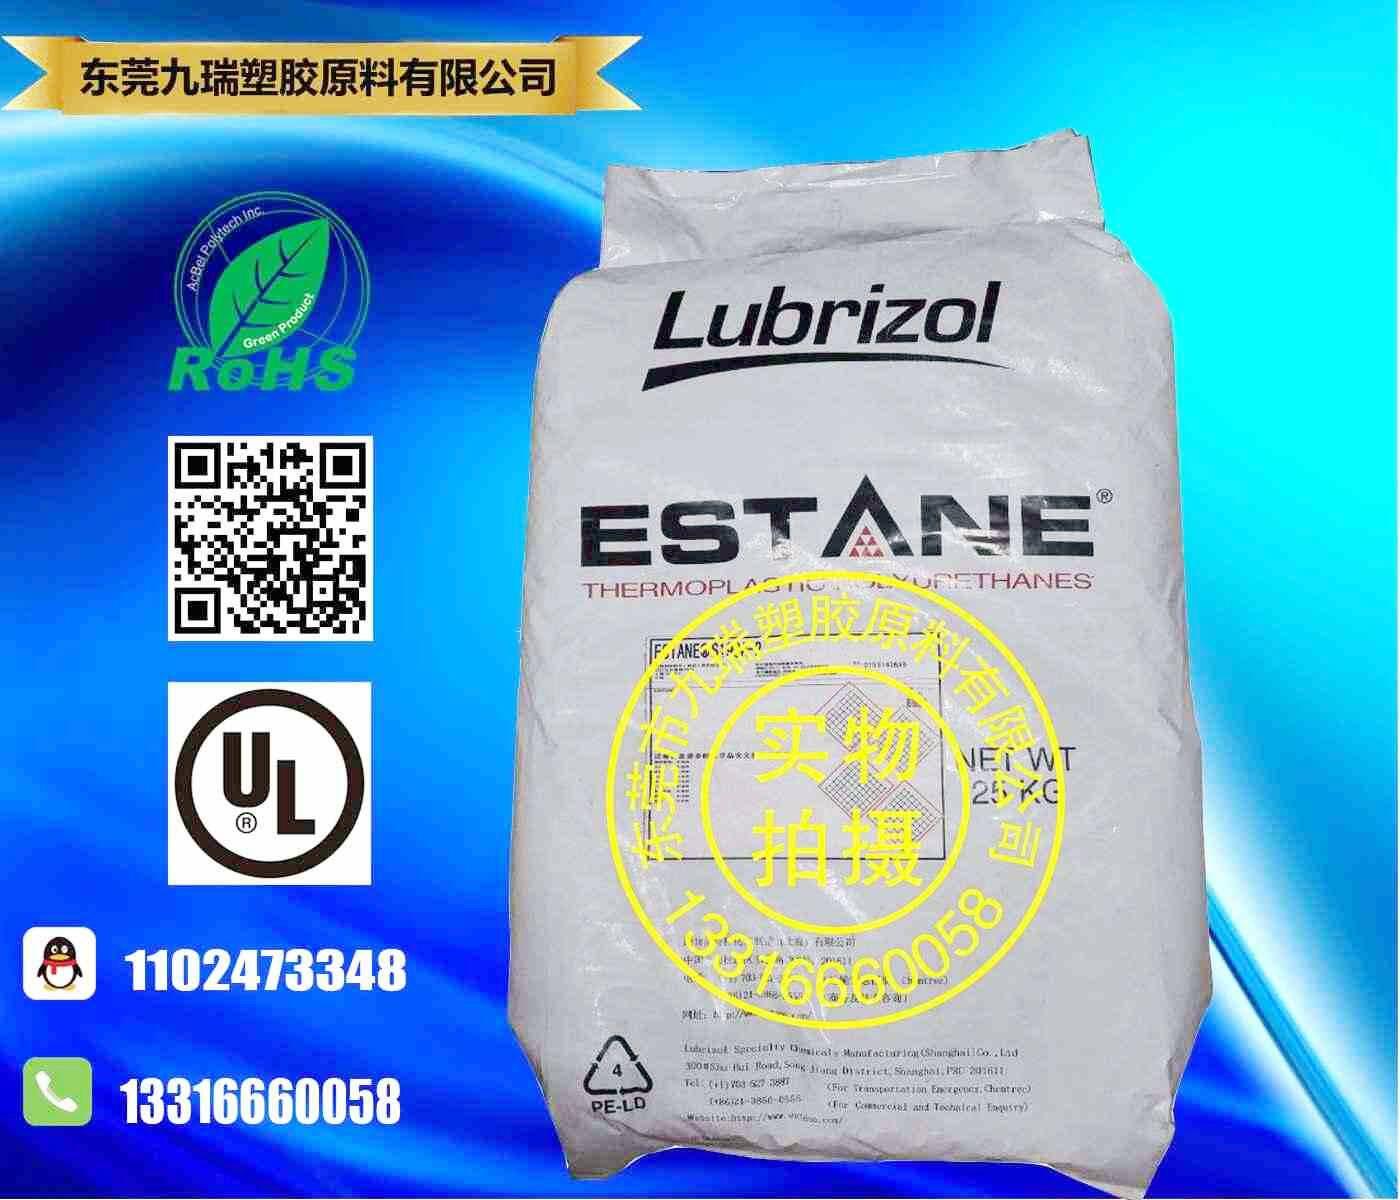 路博润TPU AG8451E光学级聚醚型脂肪族永不黄变水晶聚氨酯